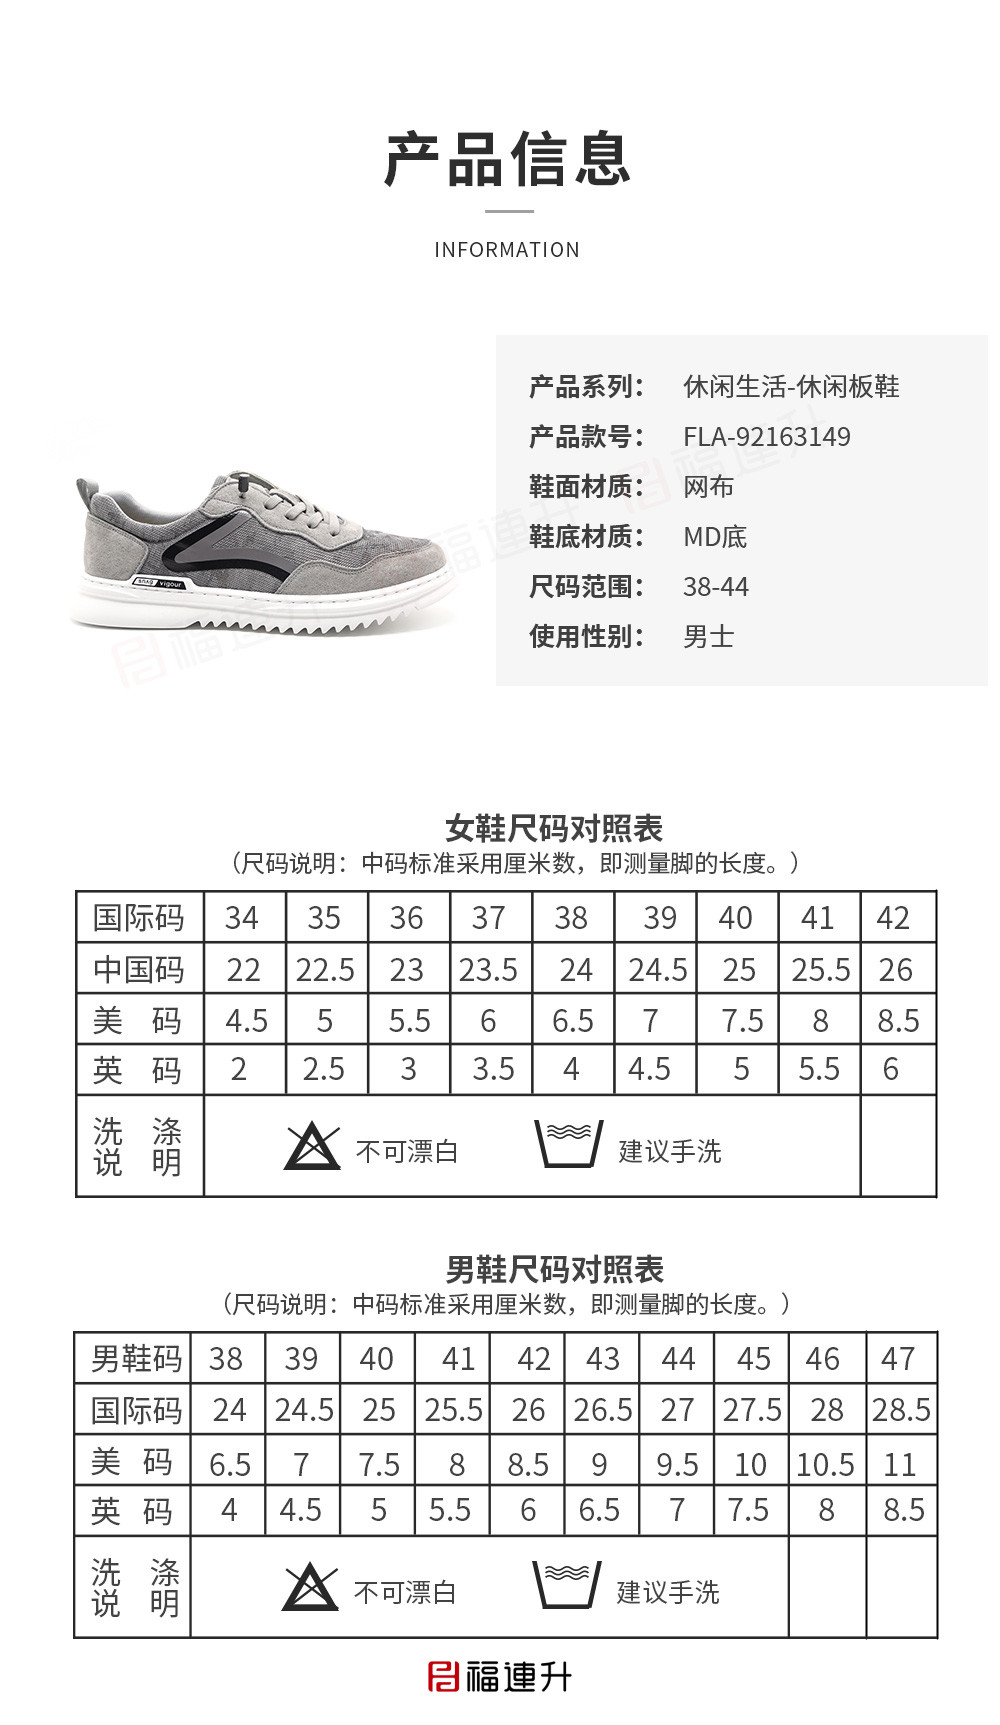 福连升休闲鞋男鞋夏季透气网面时尚拼色板鞋老爹鞋图片